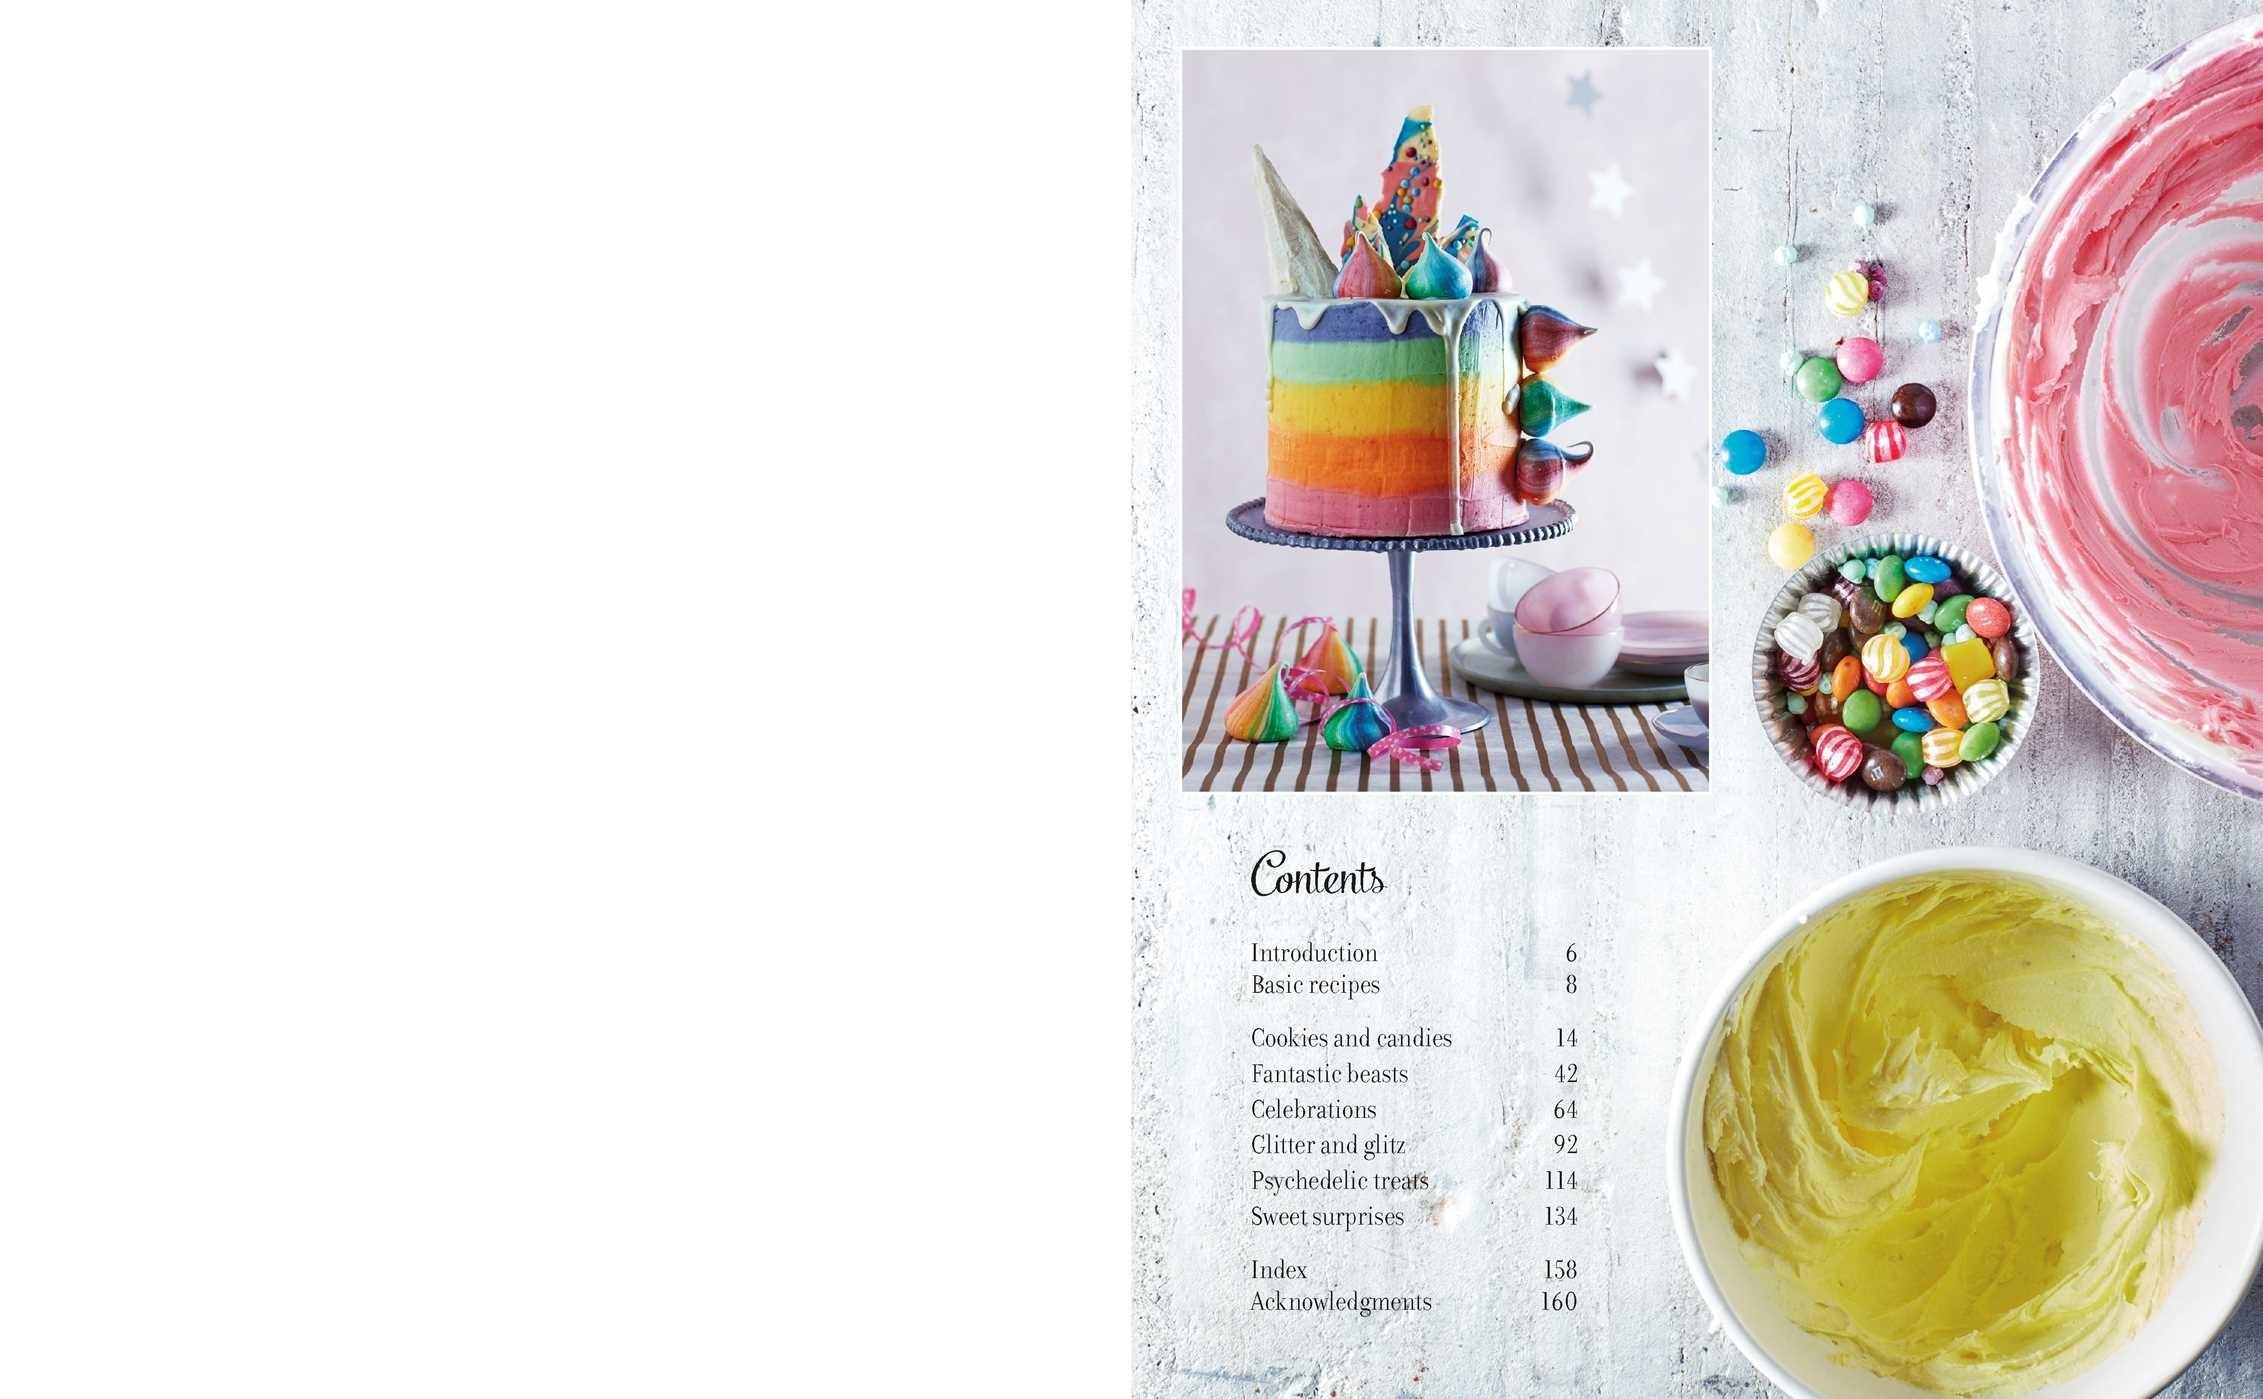 Fantasy cakes 9781849758857.in01